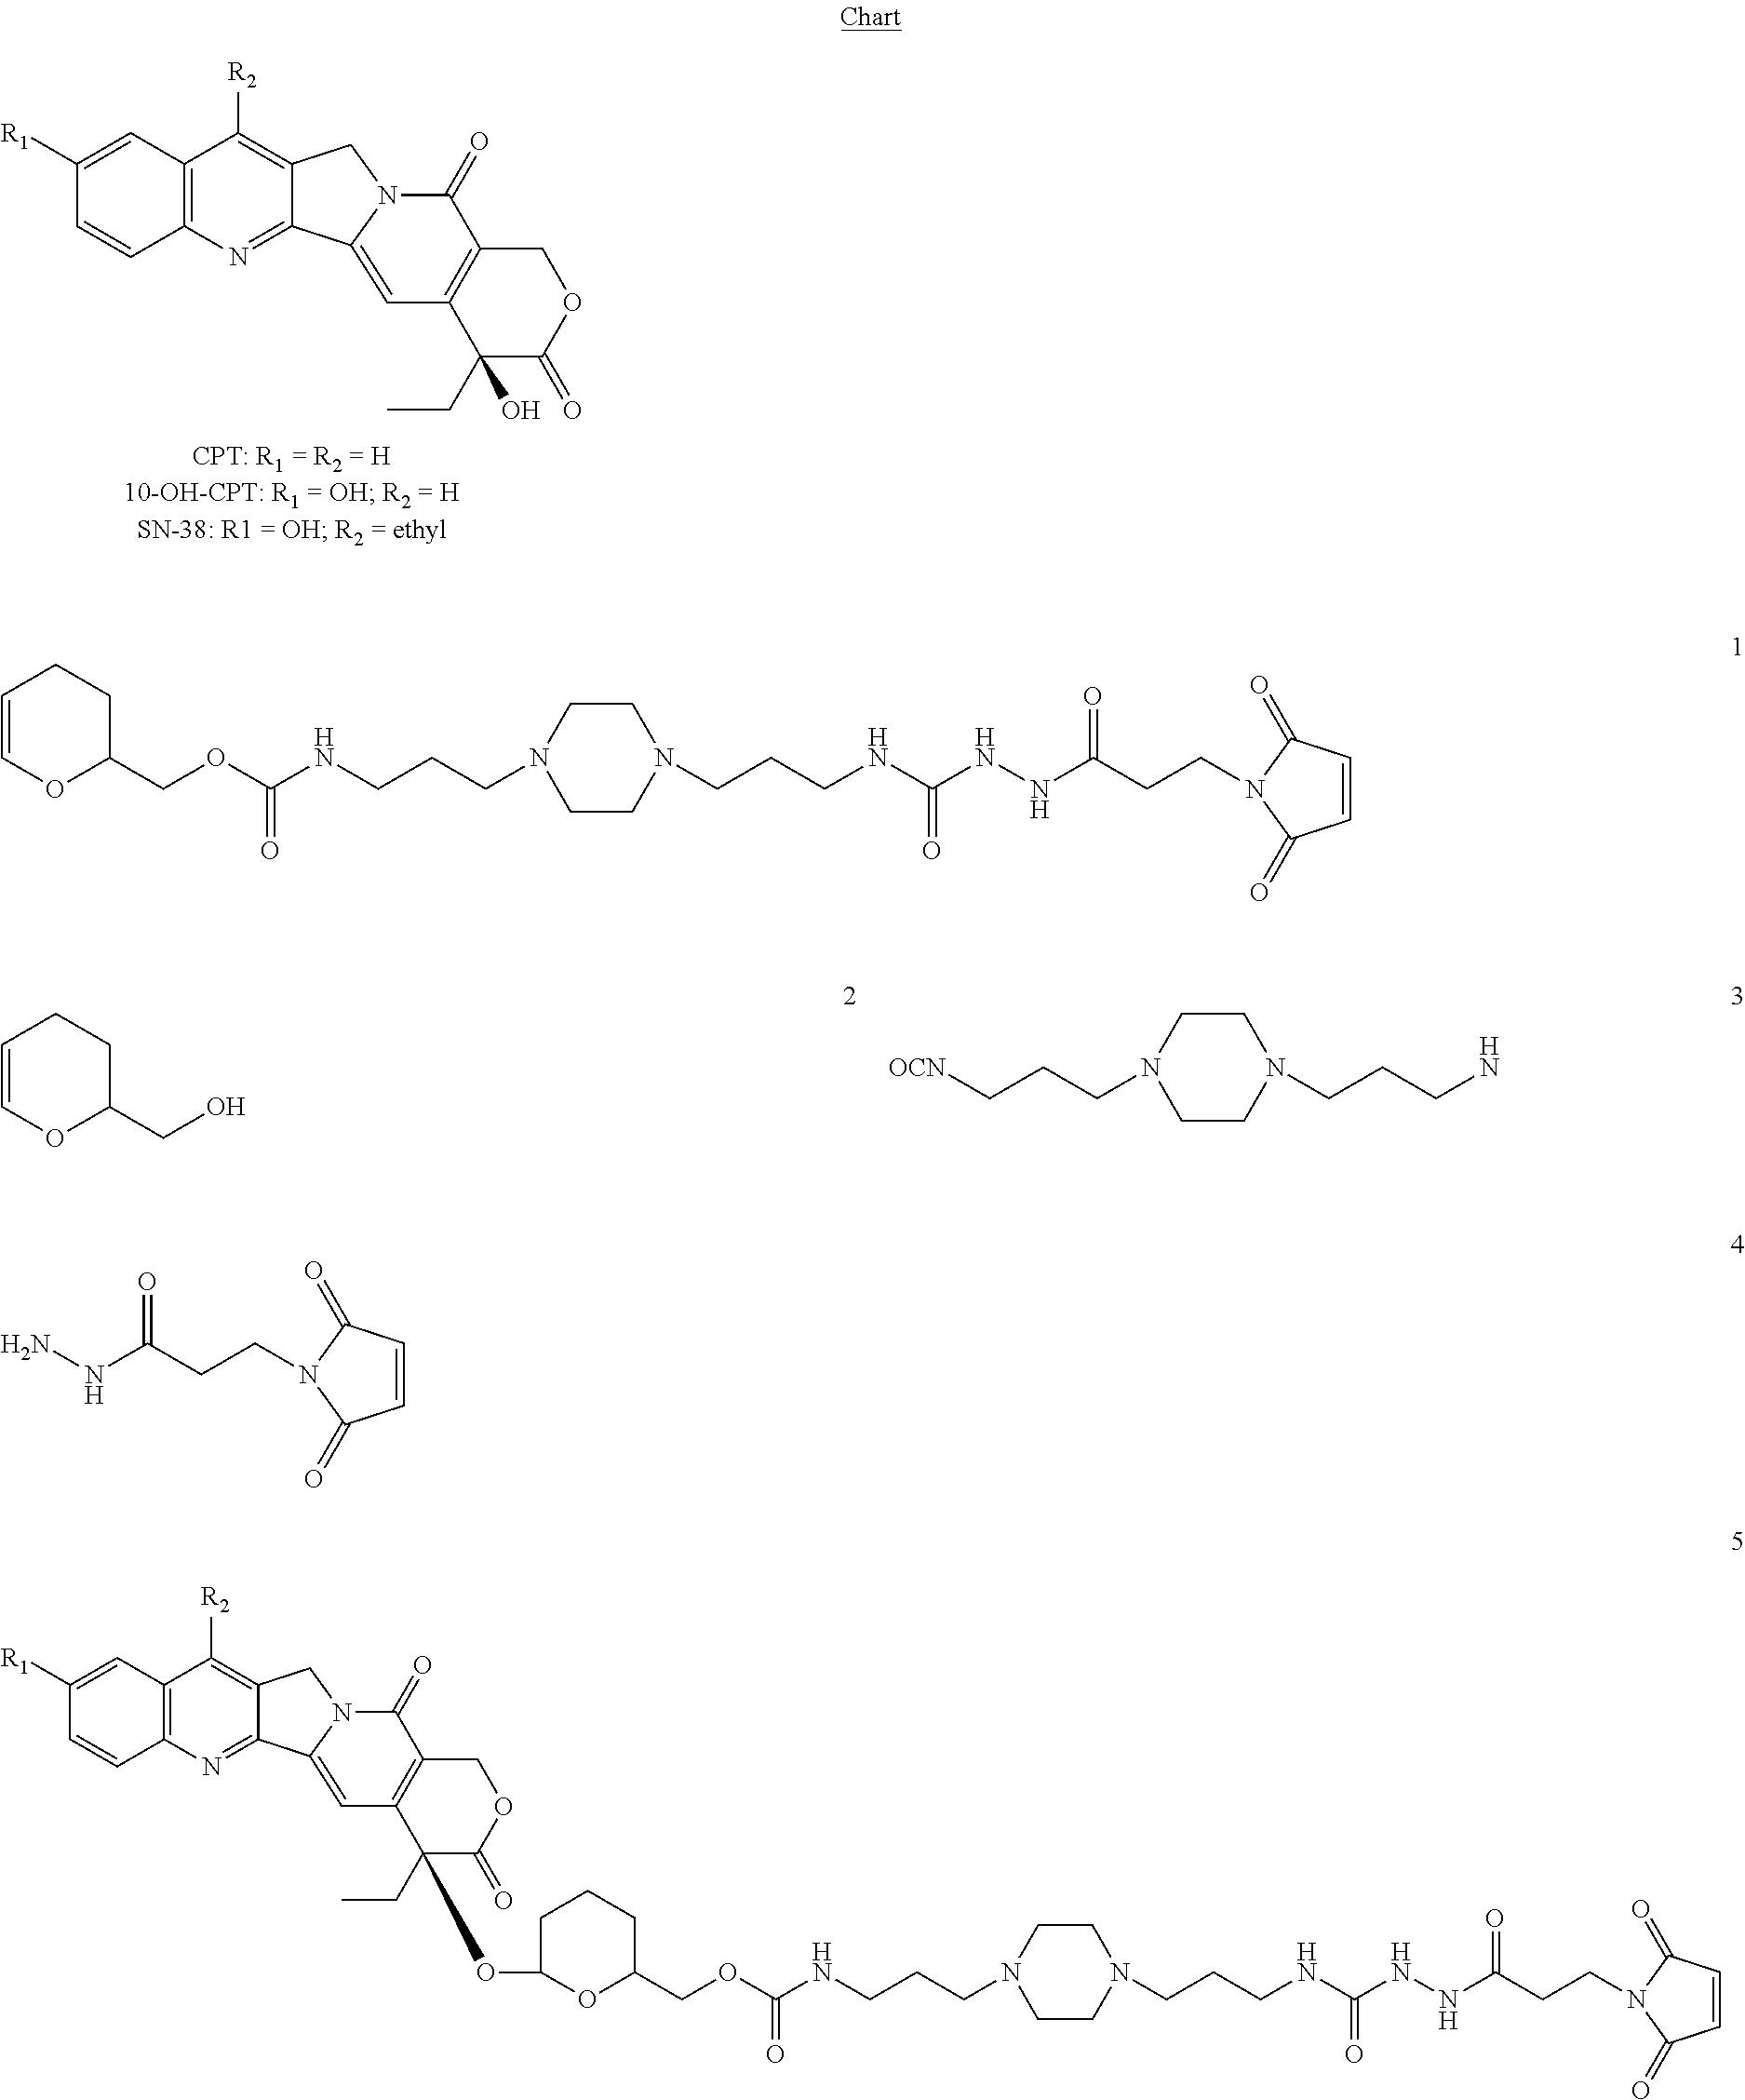 Figure US20120328634A1-20121227-C00006